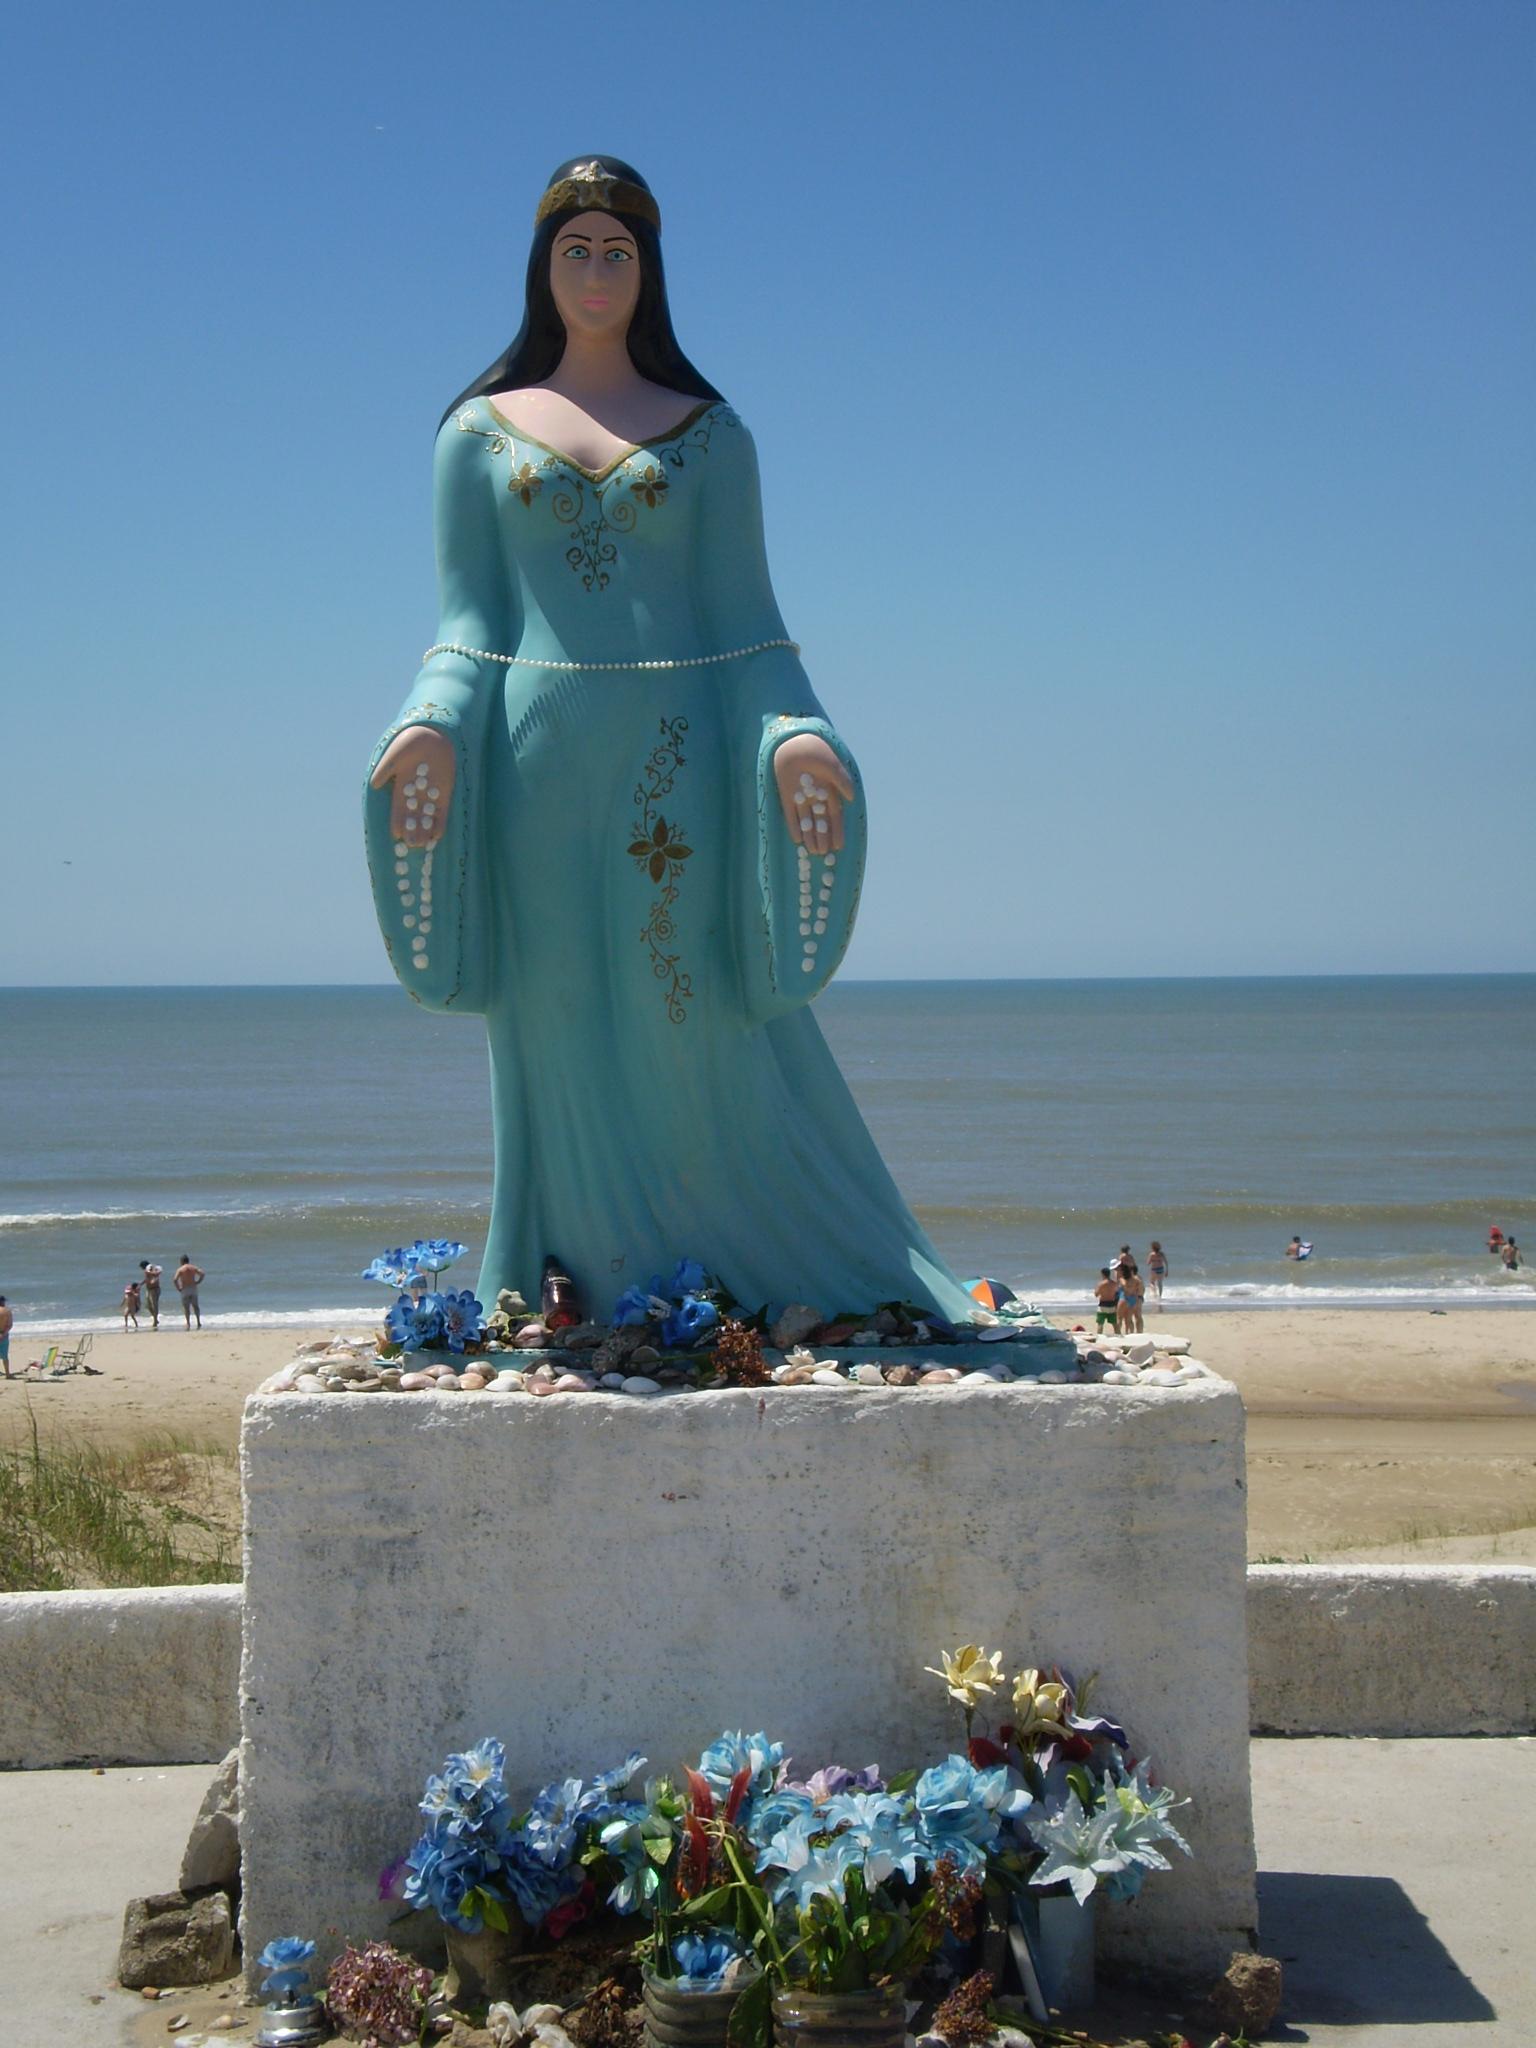 Estatua de la Diosa Yemayá, Reina de las aguas,, Barra do Chuí, Santa Vitória do Palmar, Rio Grande do Sul, Brasil